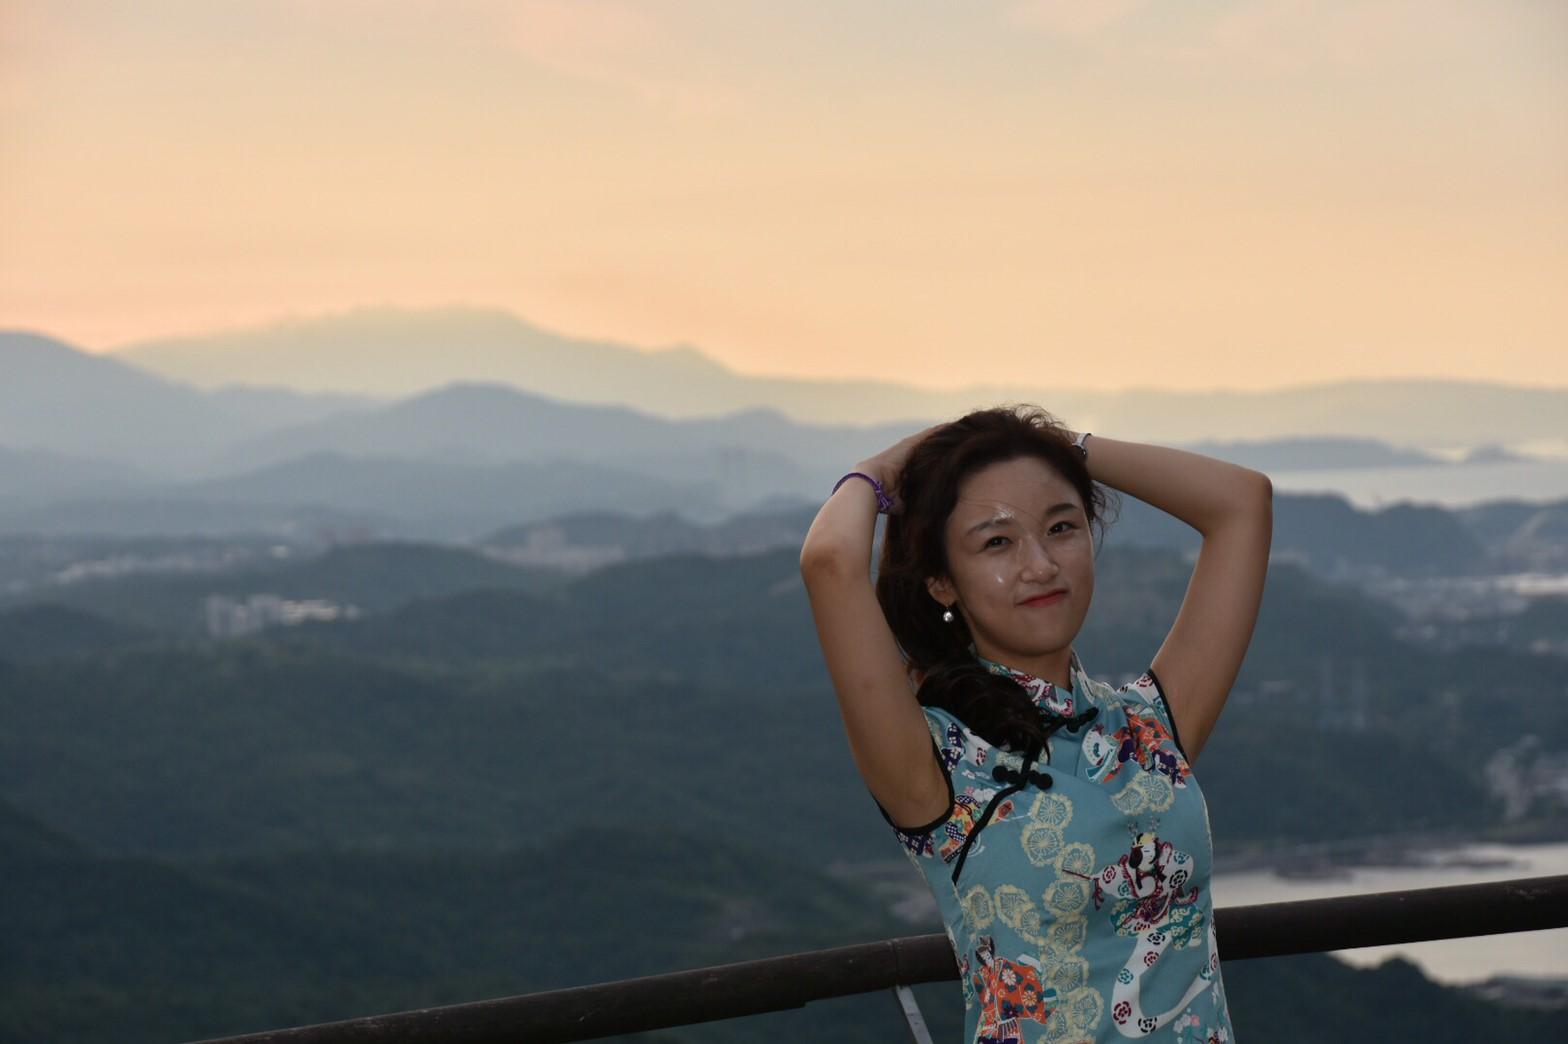 【Taipei Day Tour】Romantic Jiufen Tour